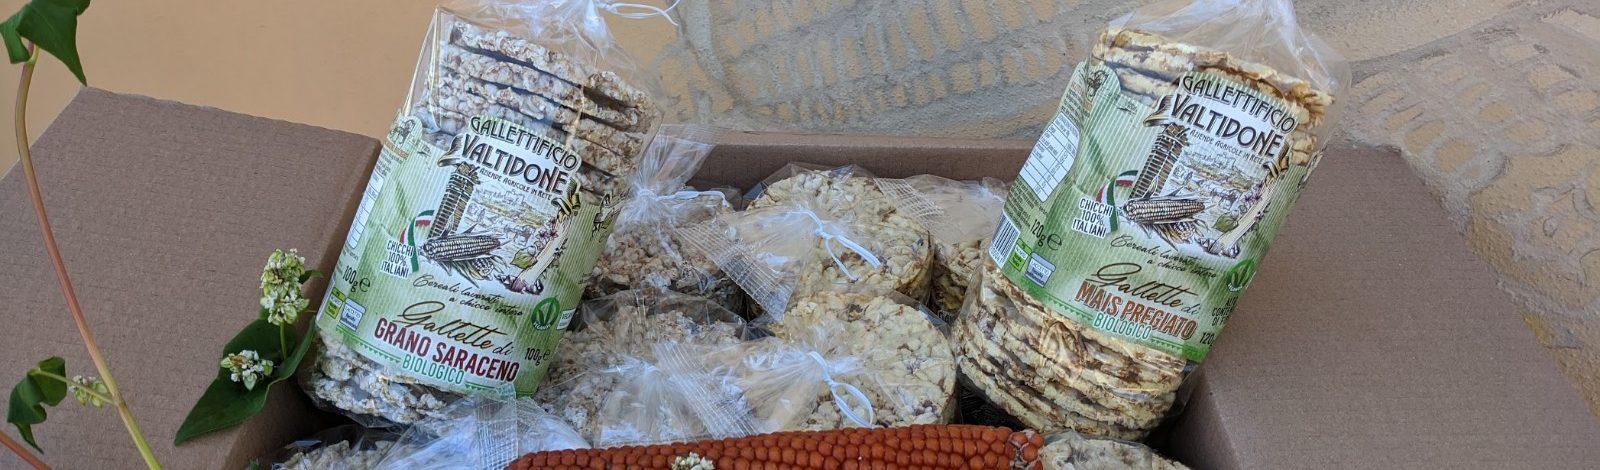 SCATOLA DEGUSTAZIONE MASSIMO BIOLOGICO (6 conf.gallette mais bio+6 conf.gallette grano saraceno bio)